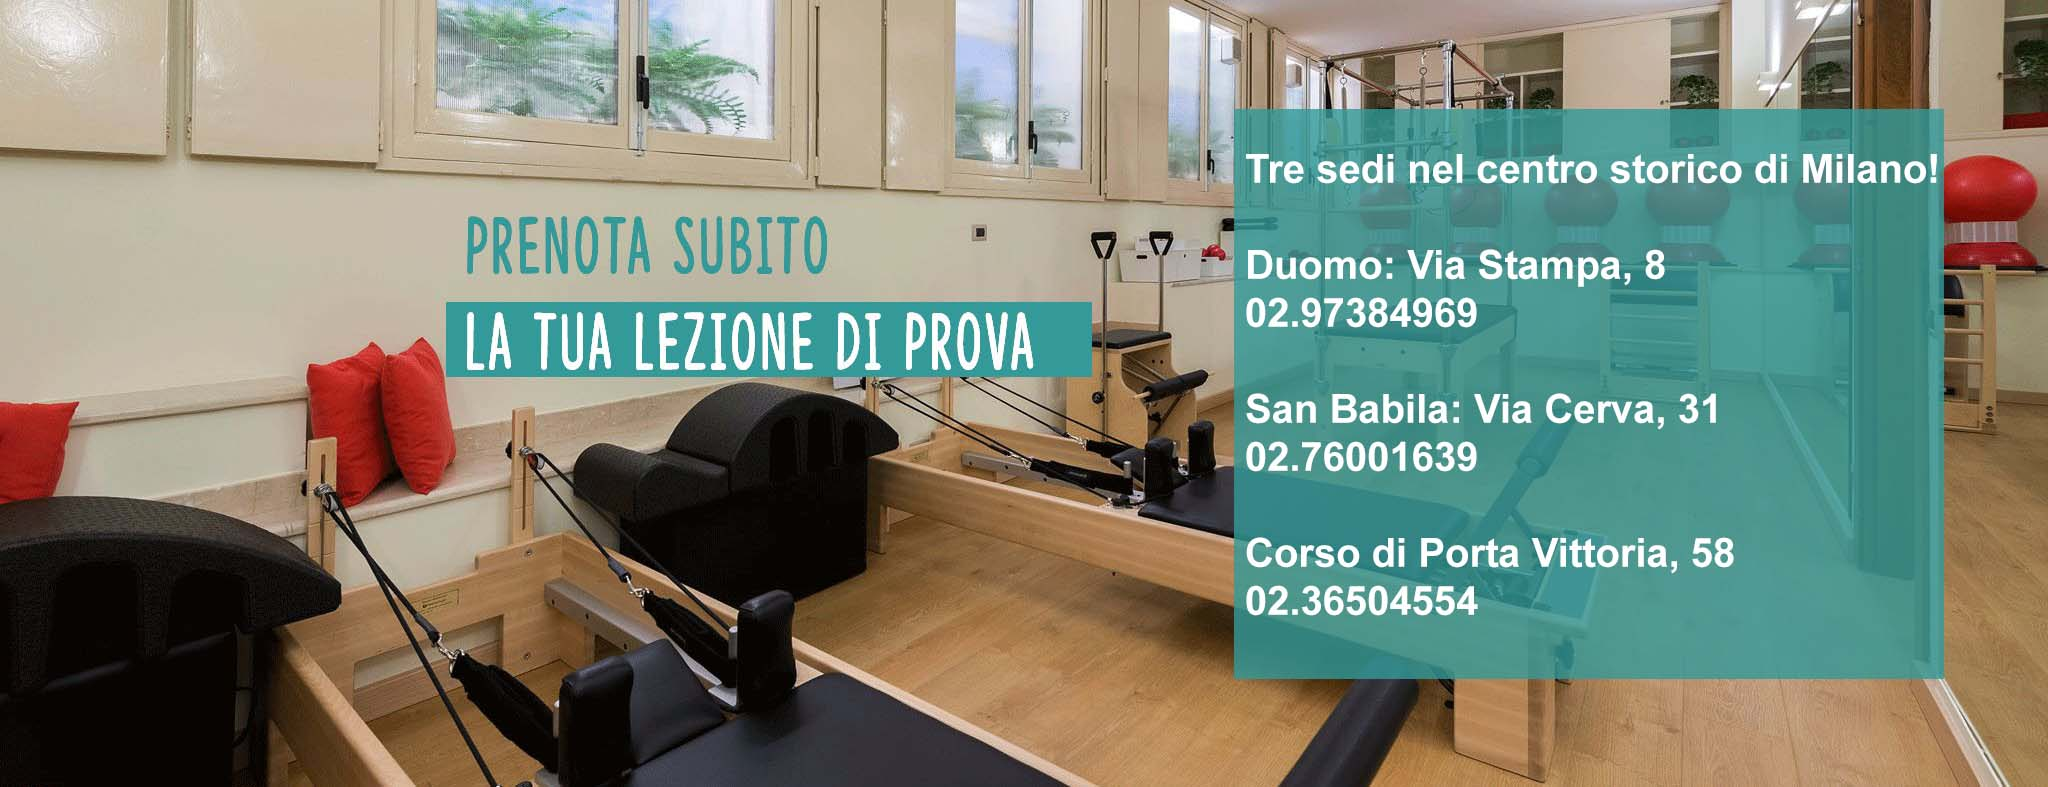 Corsi Di Pilates Romolo Milano - Prenota subito la tua lezione di prova